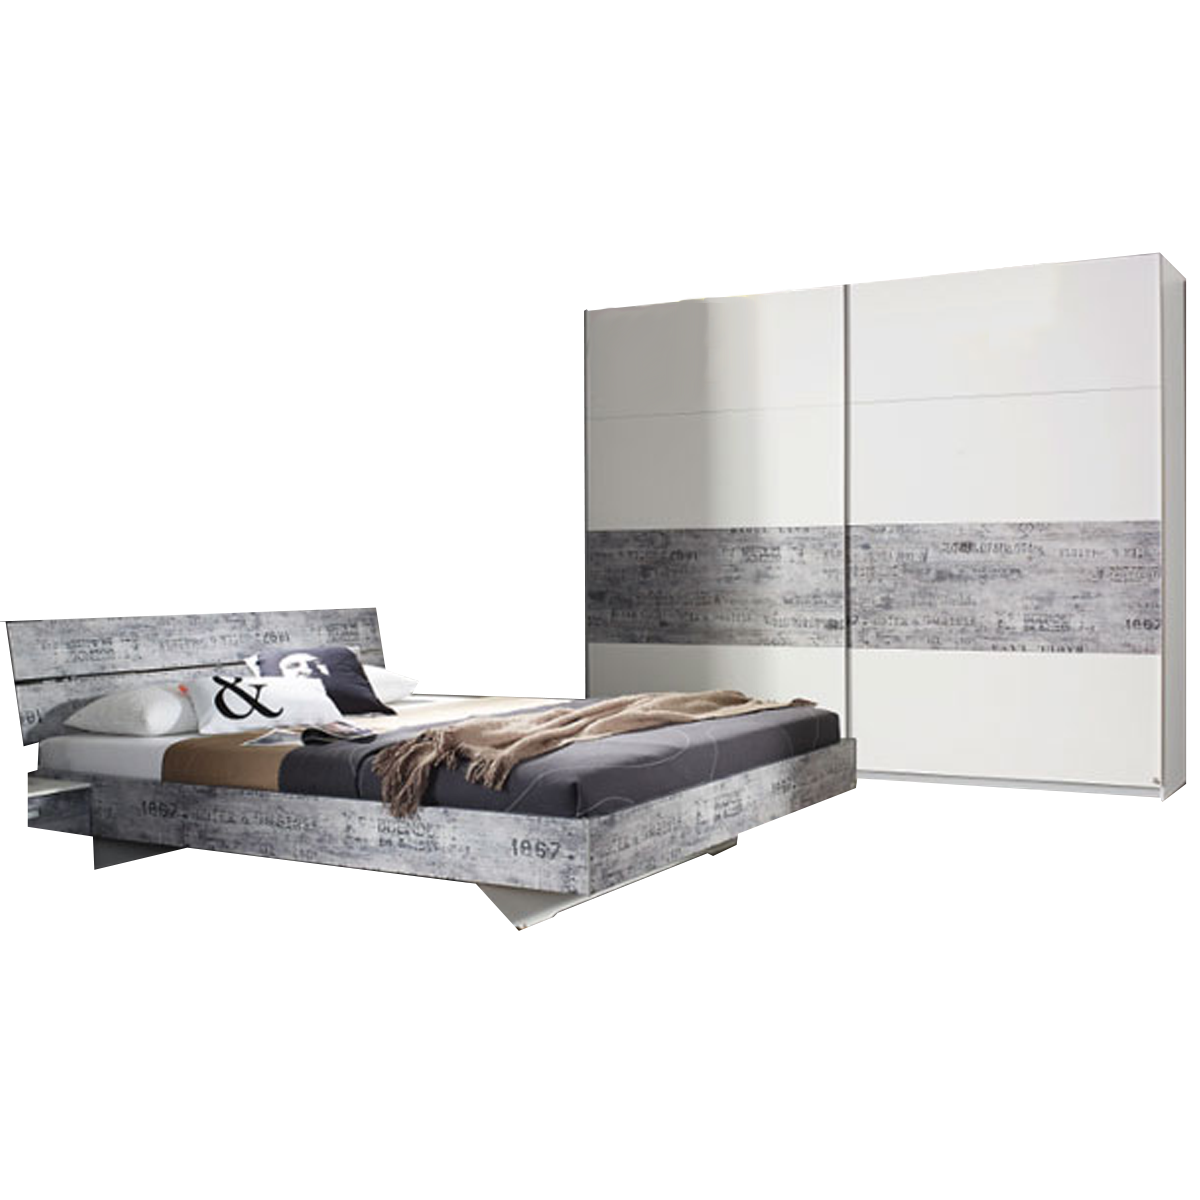 Rauch Select Sumatra-Extra Schlafzimmer bestehend aus Bett Liegefläche ca.  180x200 cm und Schwebetürenschrank 2-türig in alpinweiß mit Absetzungen in  ...